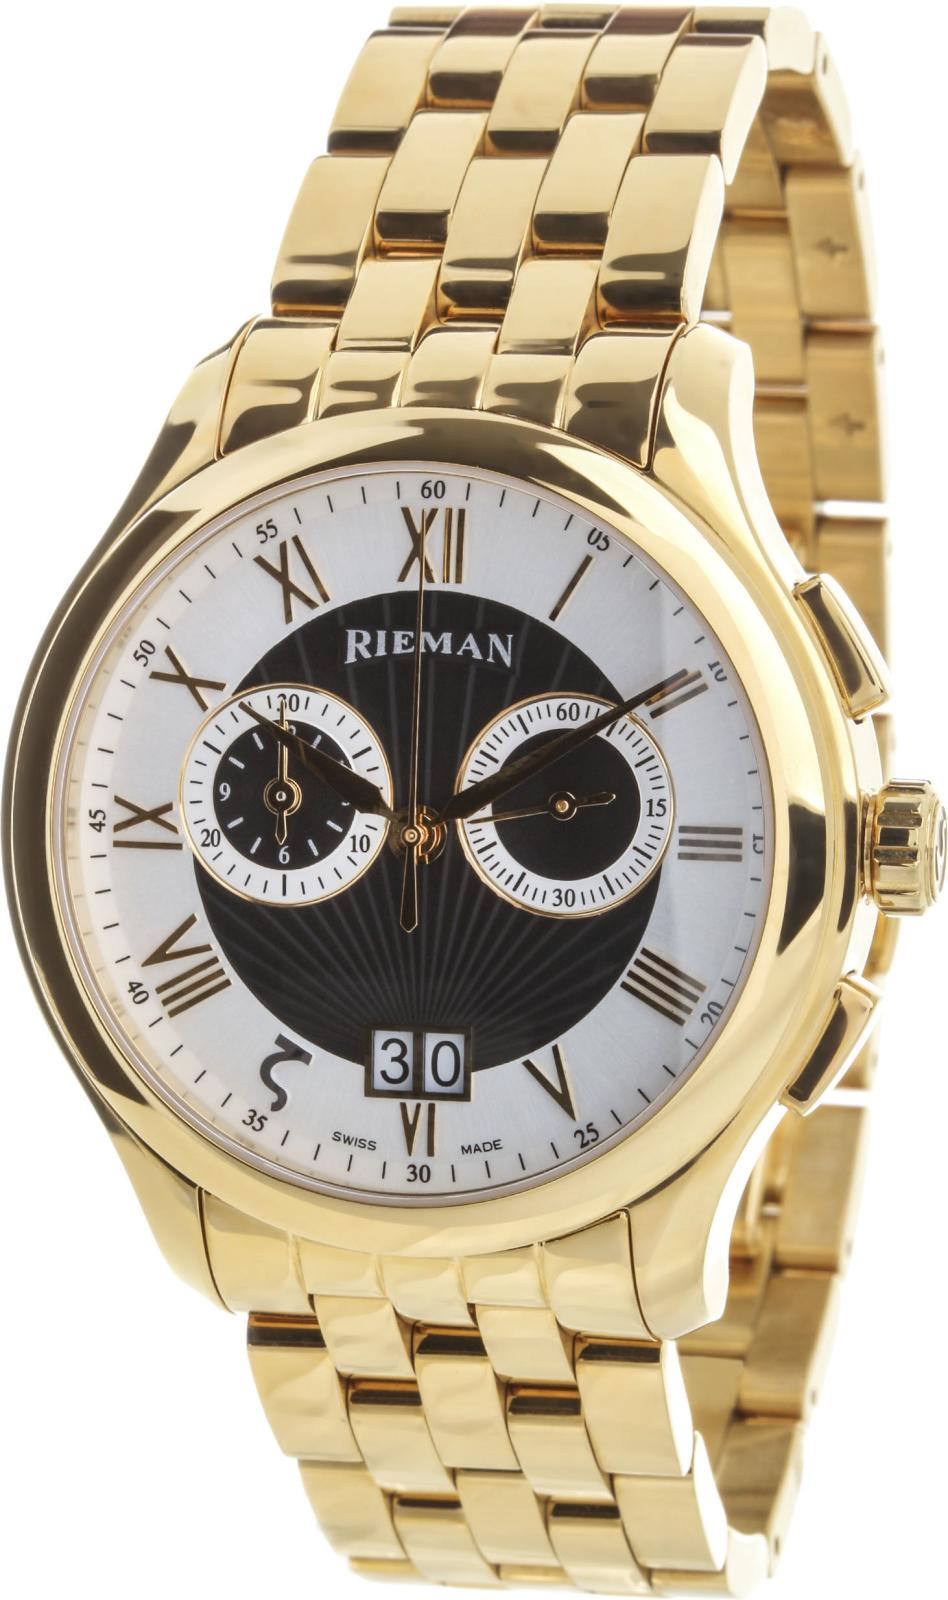 Watches rieman купить в москве